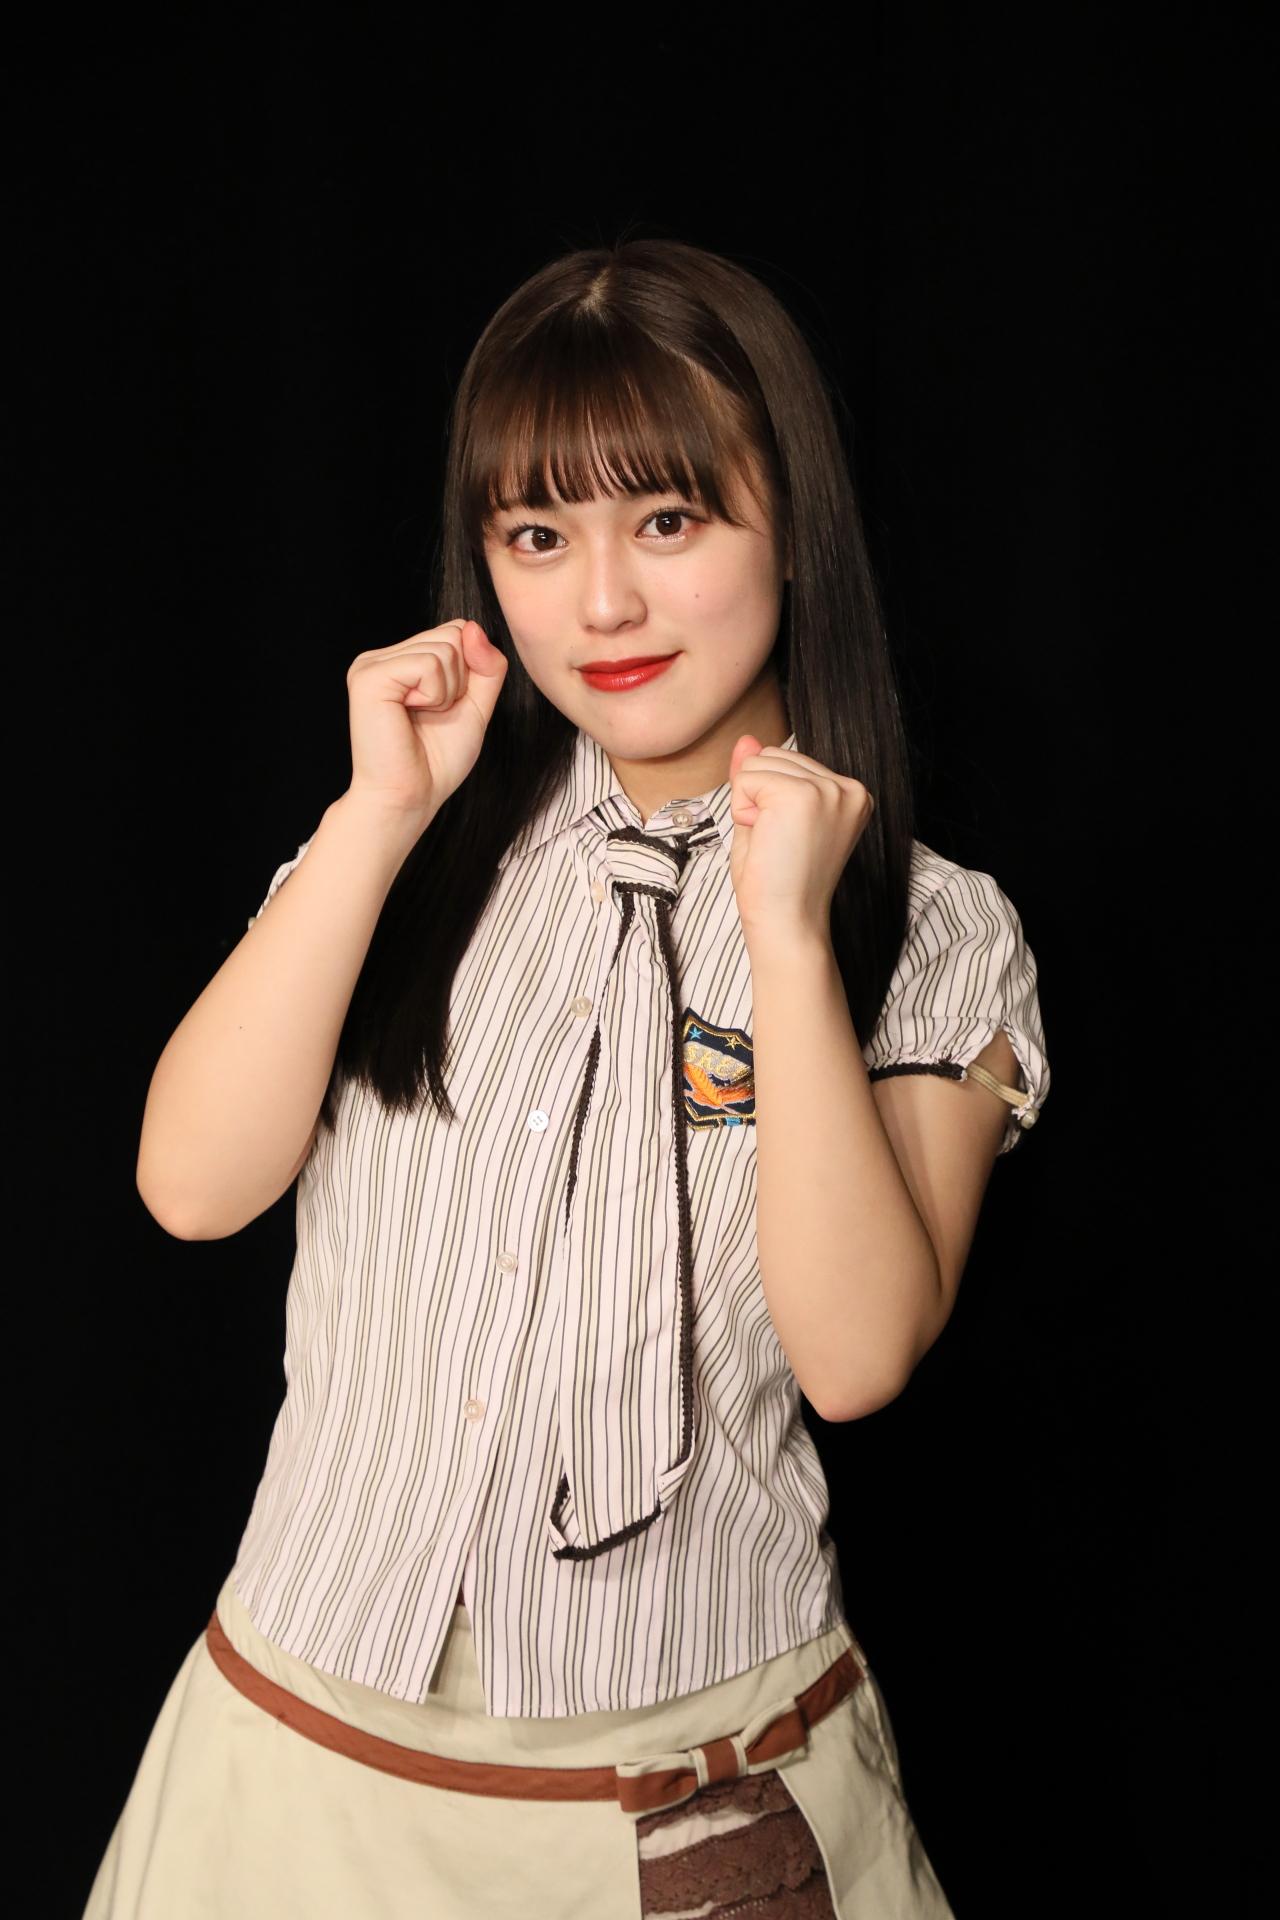 劇場公演でグループを卒業し運営会社社員になることを発表したSKE48竹内彩姫(C)2021 Zest,Inc.